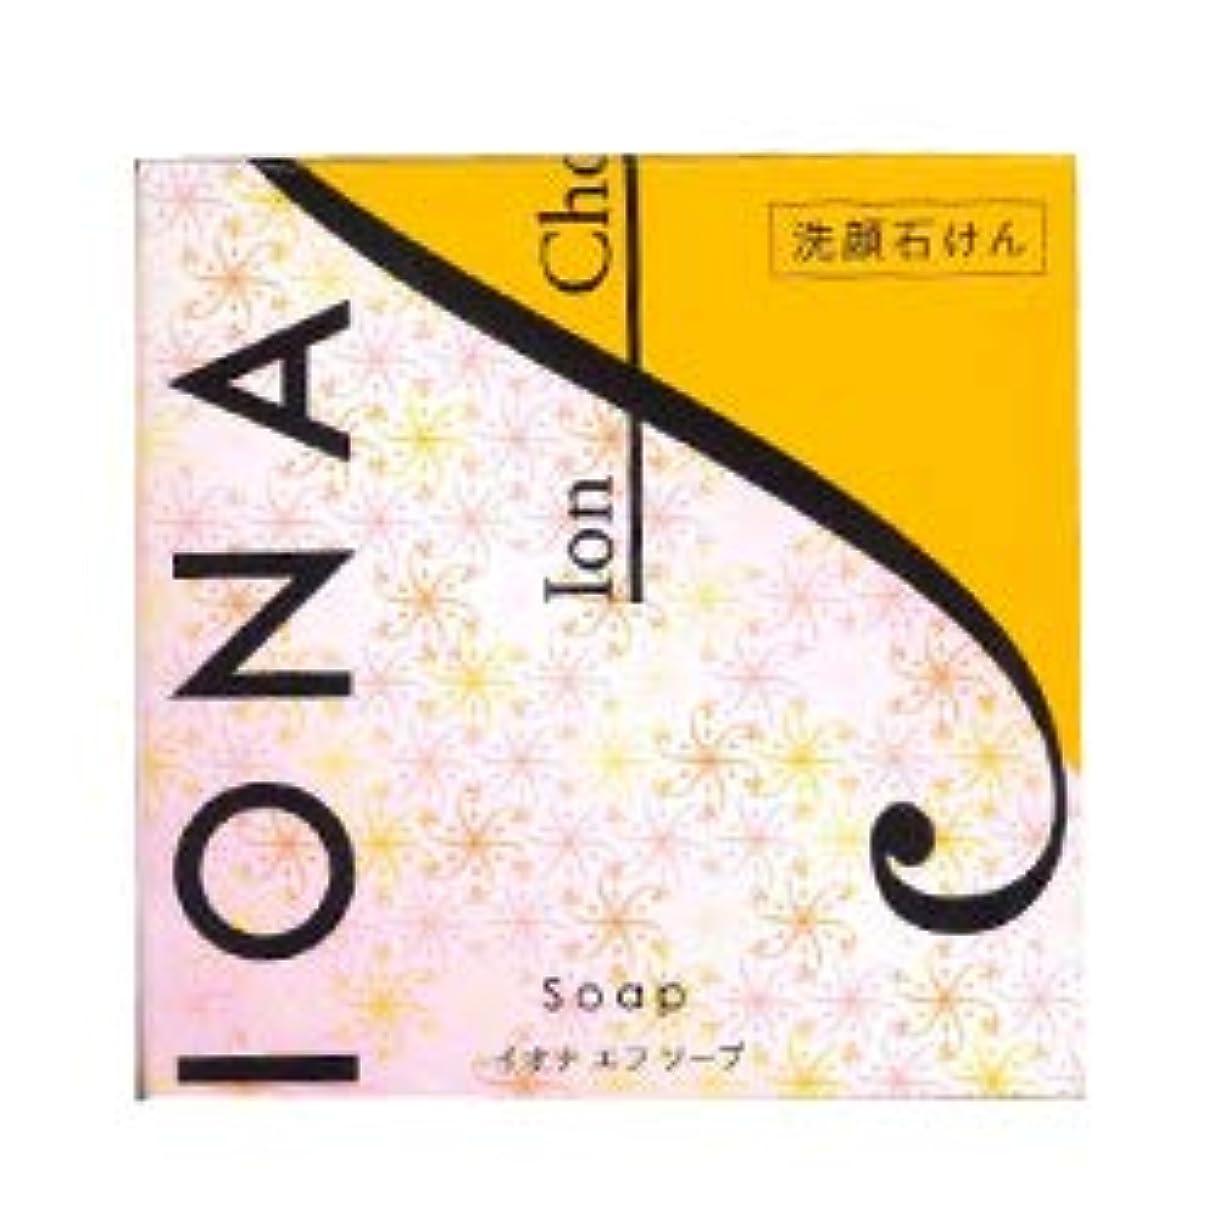 一般的に値する始める【イオナ】イオナ エフ ソープ 90g